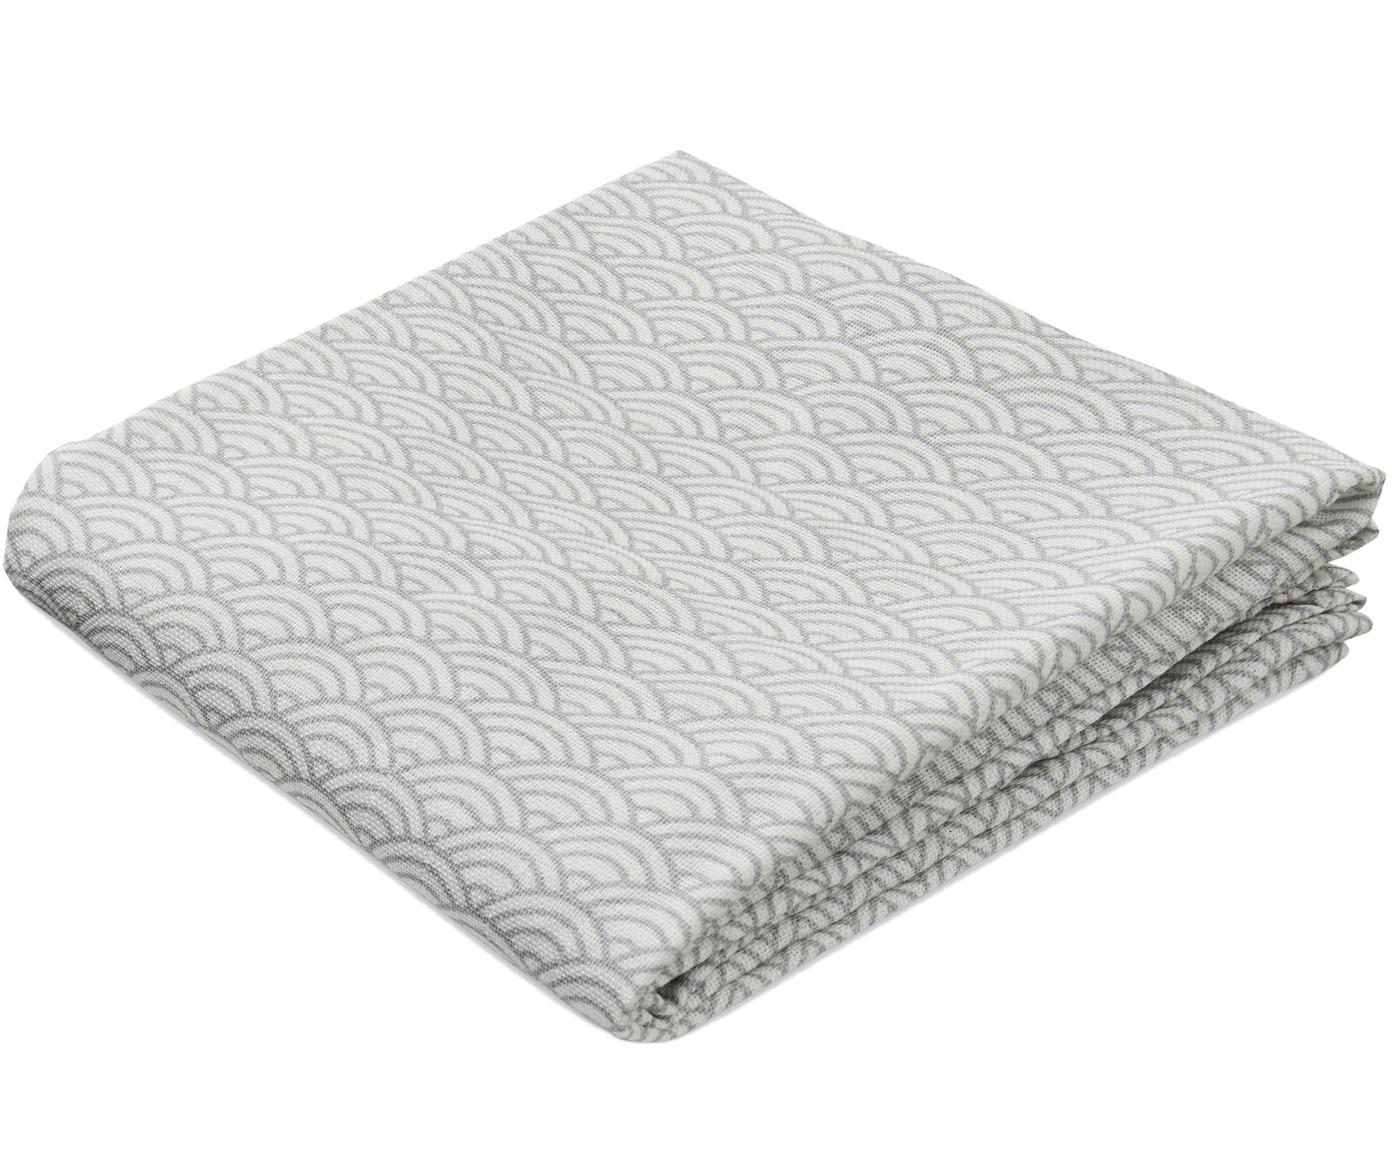 Bavlněná plenka z organické bavlny Wave, 2 ks, Šedá, bílá